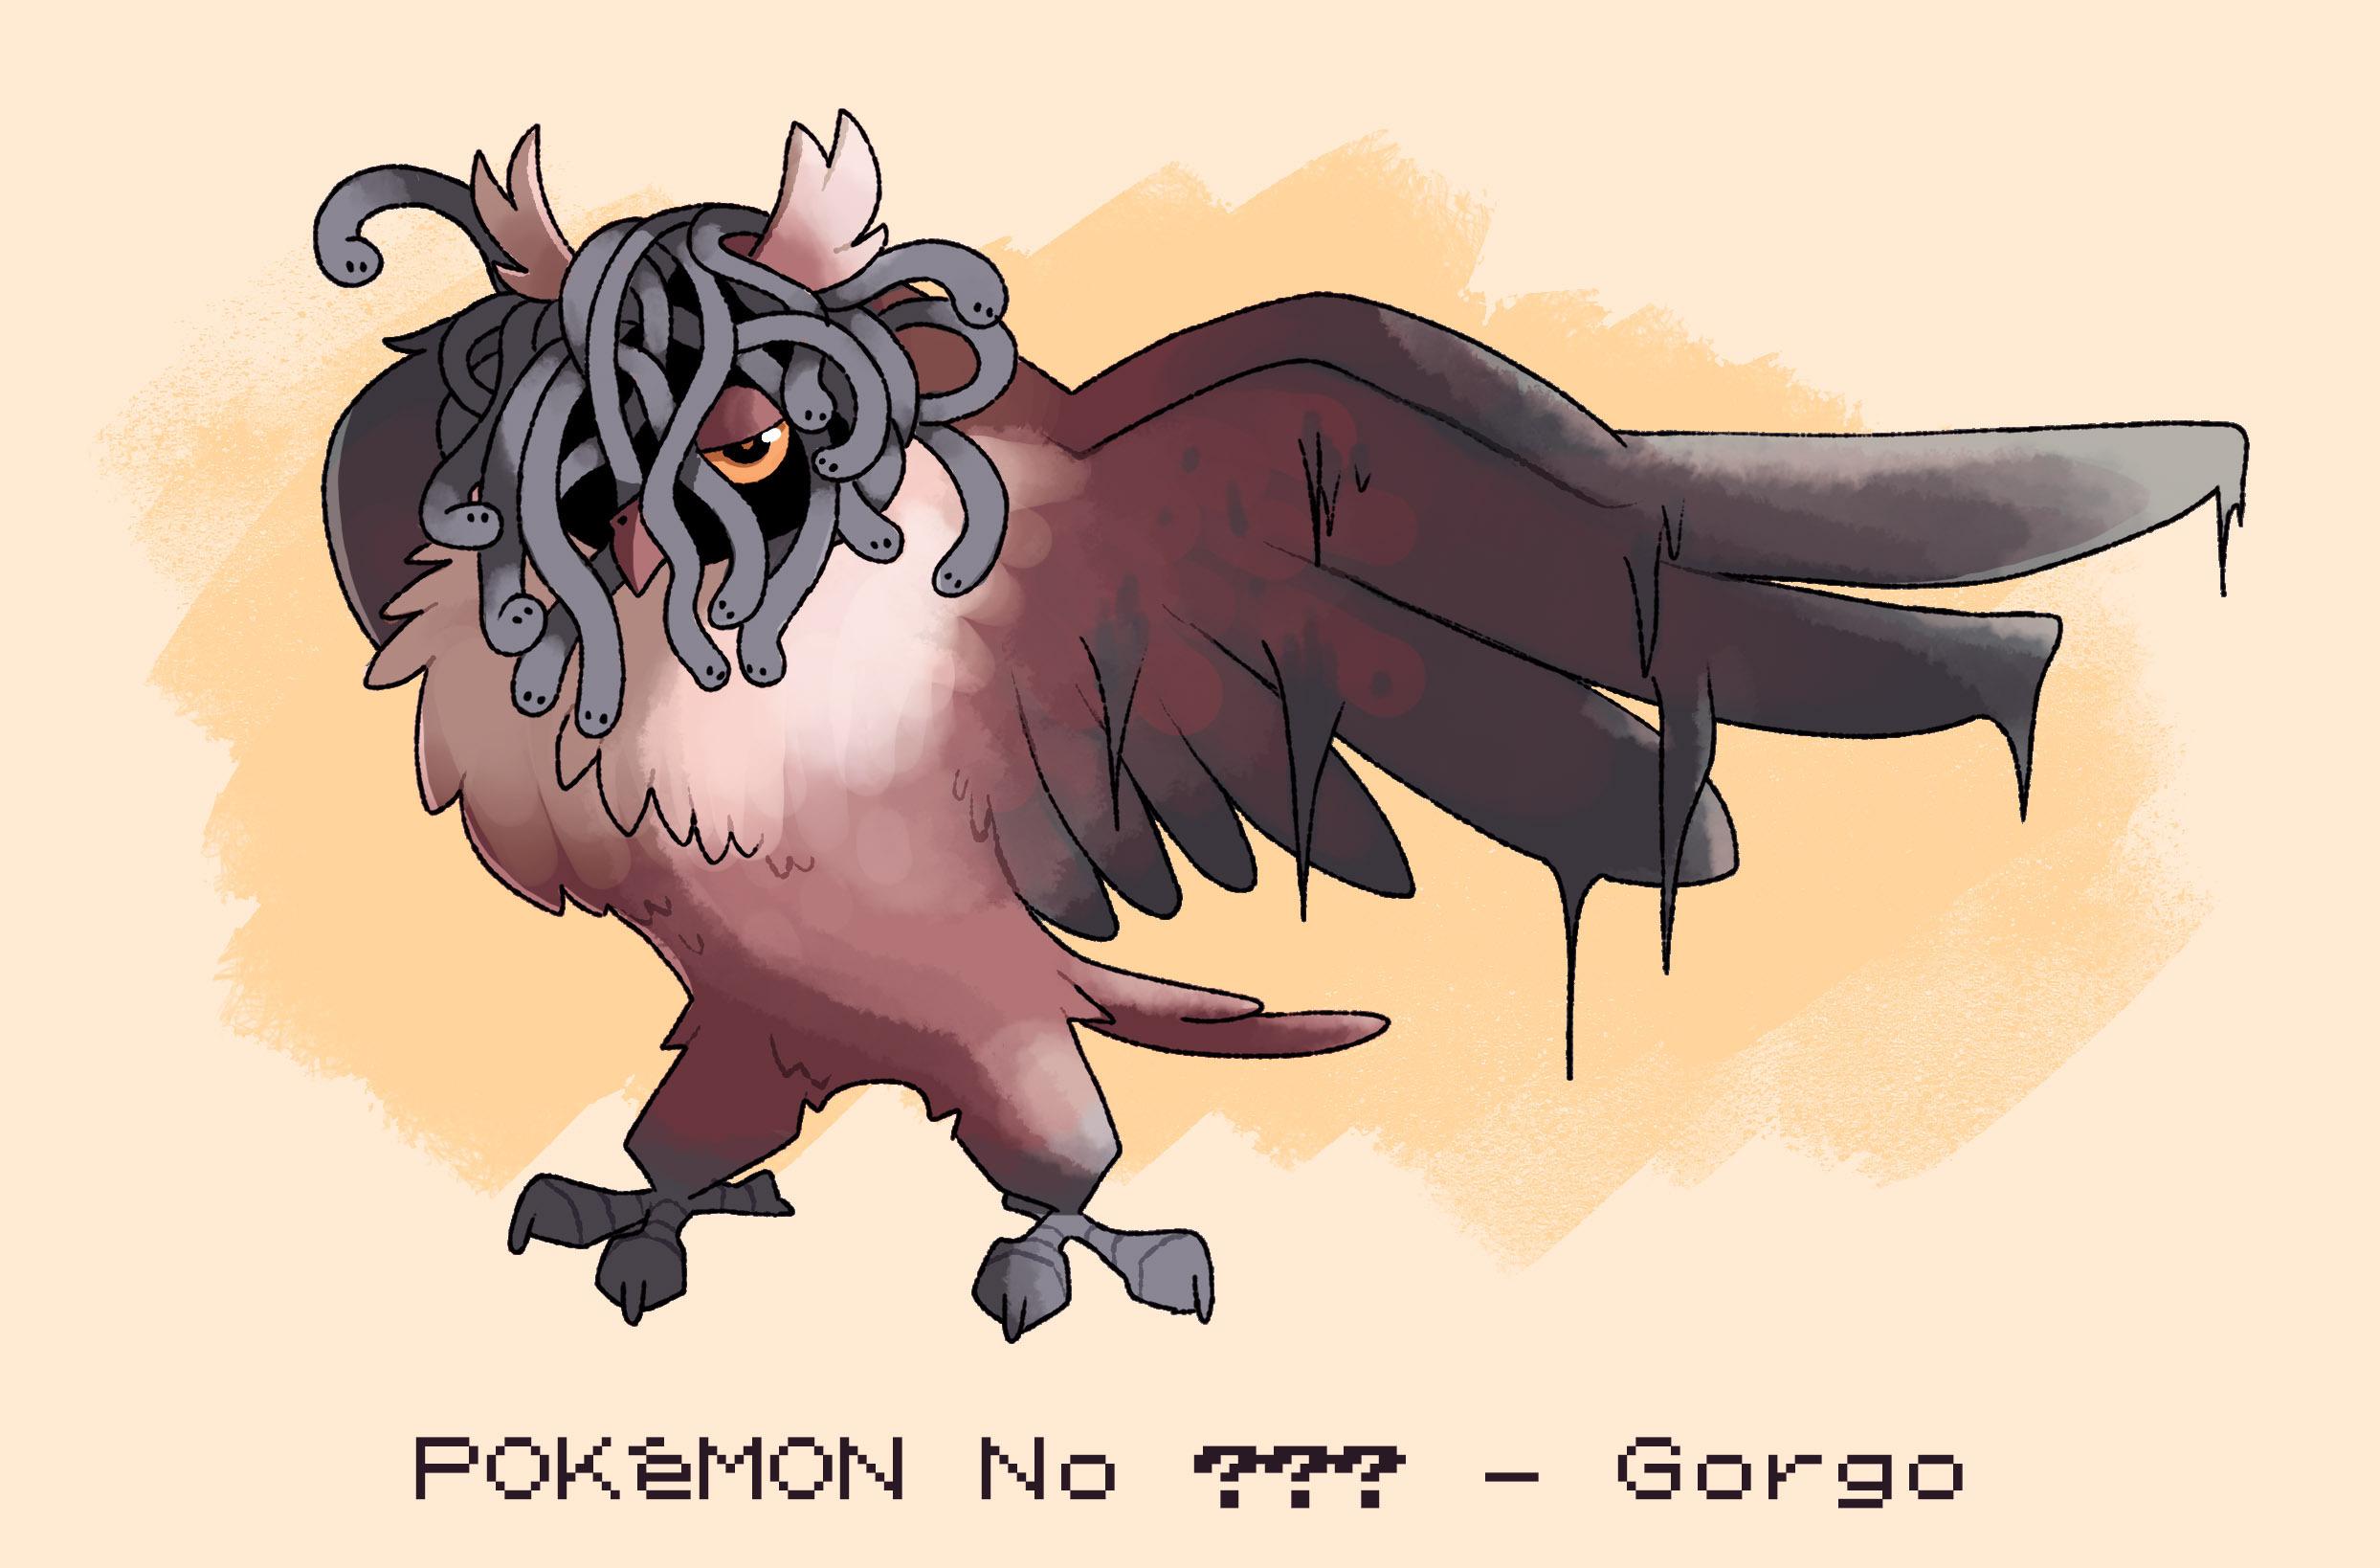 Fakemon: Gorgo